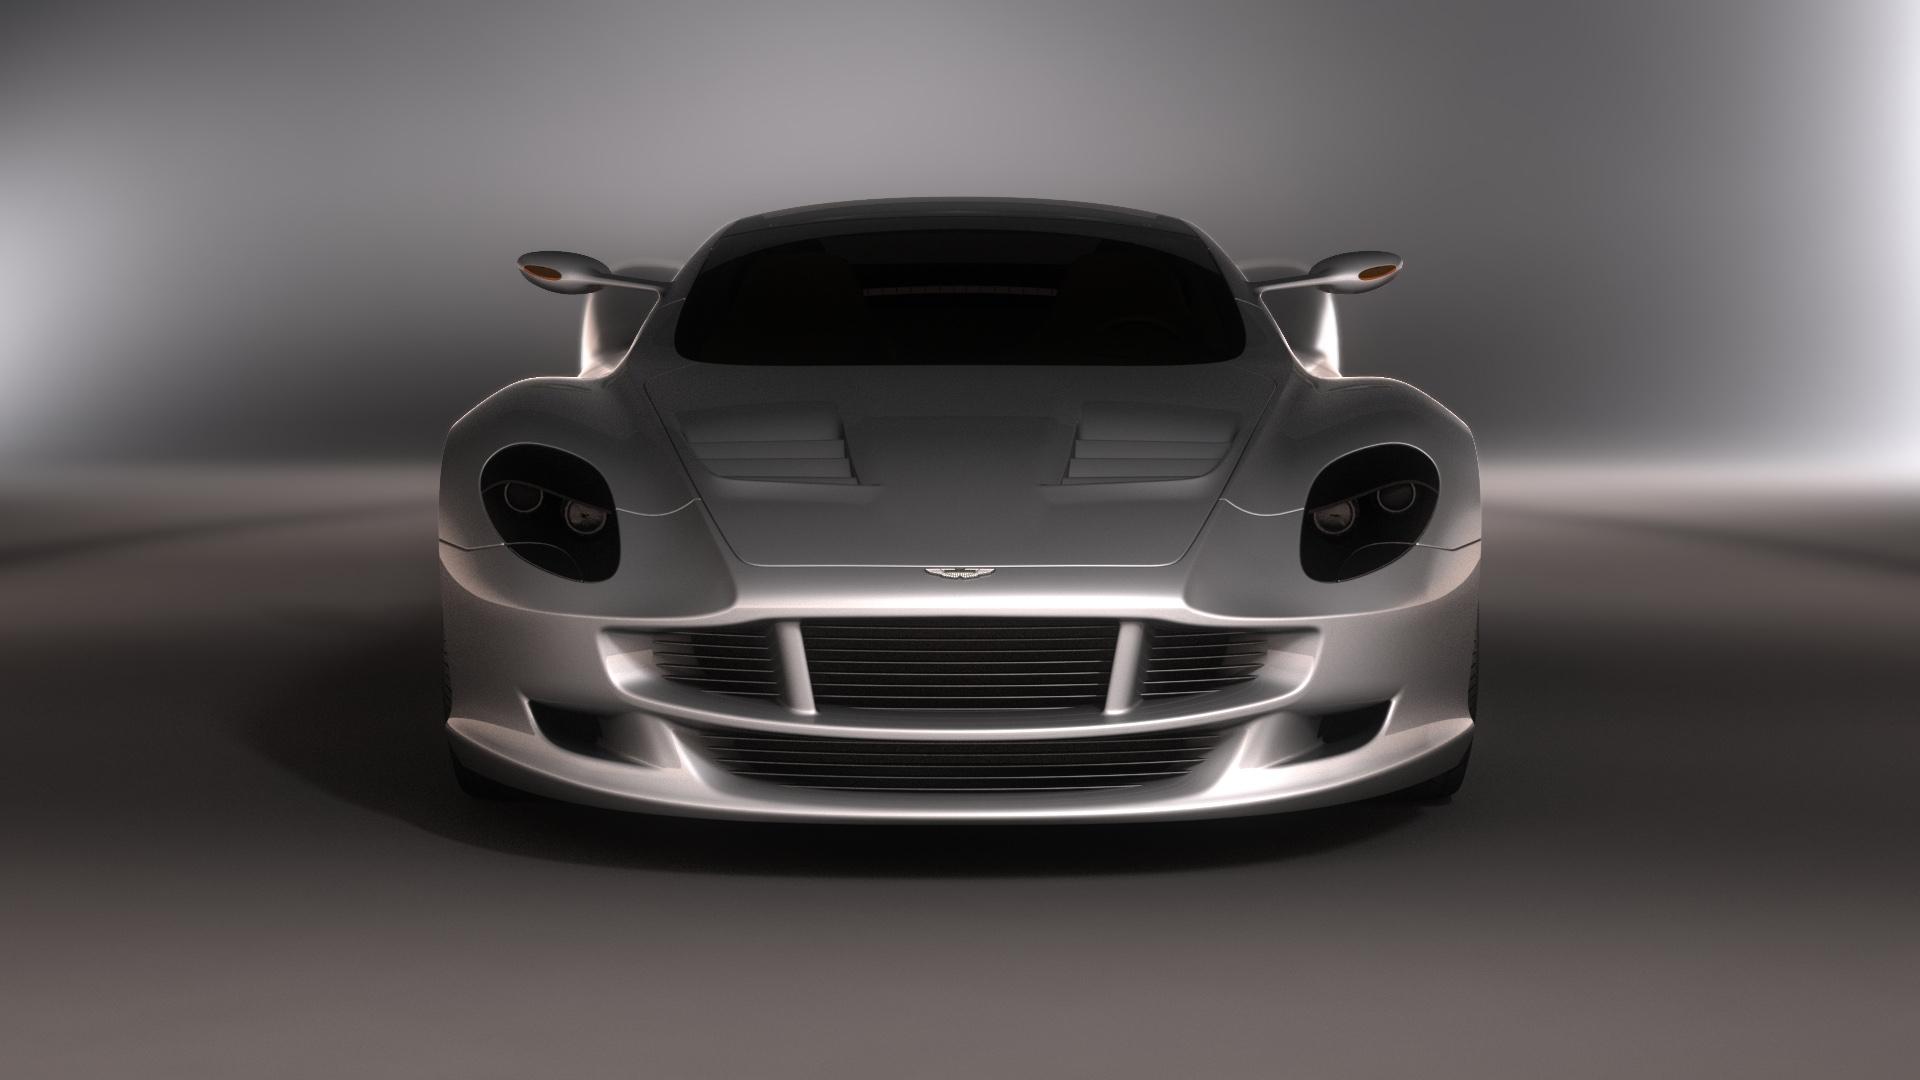 30318 скачать обои Транспорт, Машины, Астон Мартин (Aston Martin) - заставки и картинки бесплатно